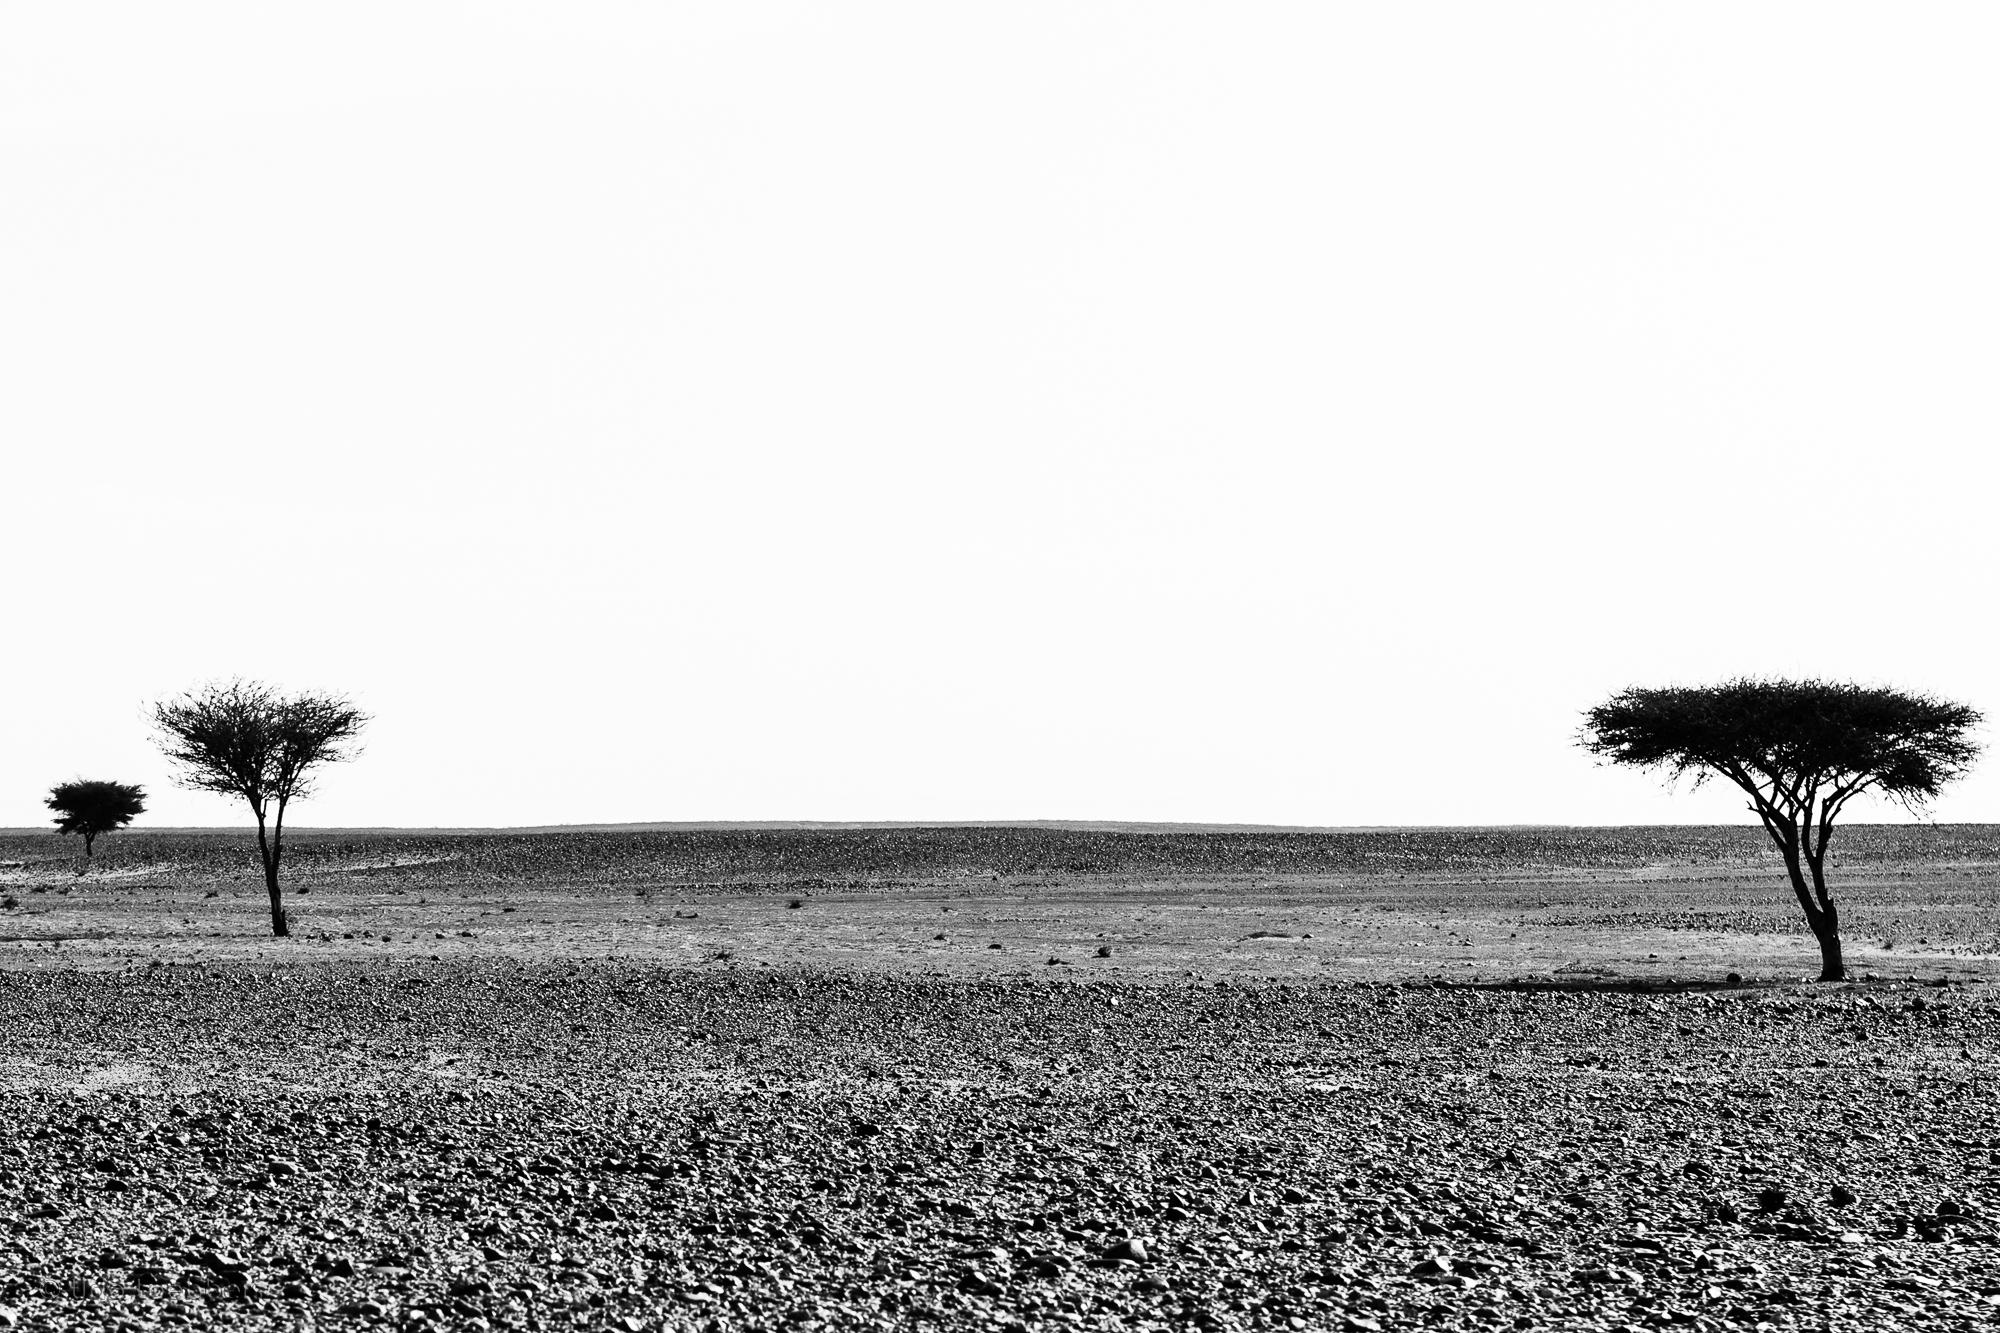 Steinwüste auf dem Weg zur Erg Chegaga, Marokko